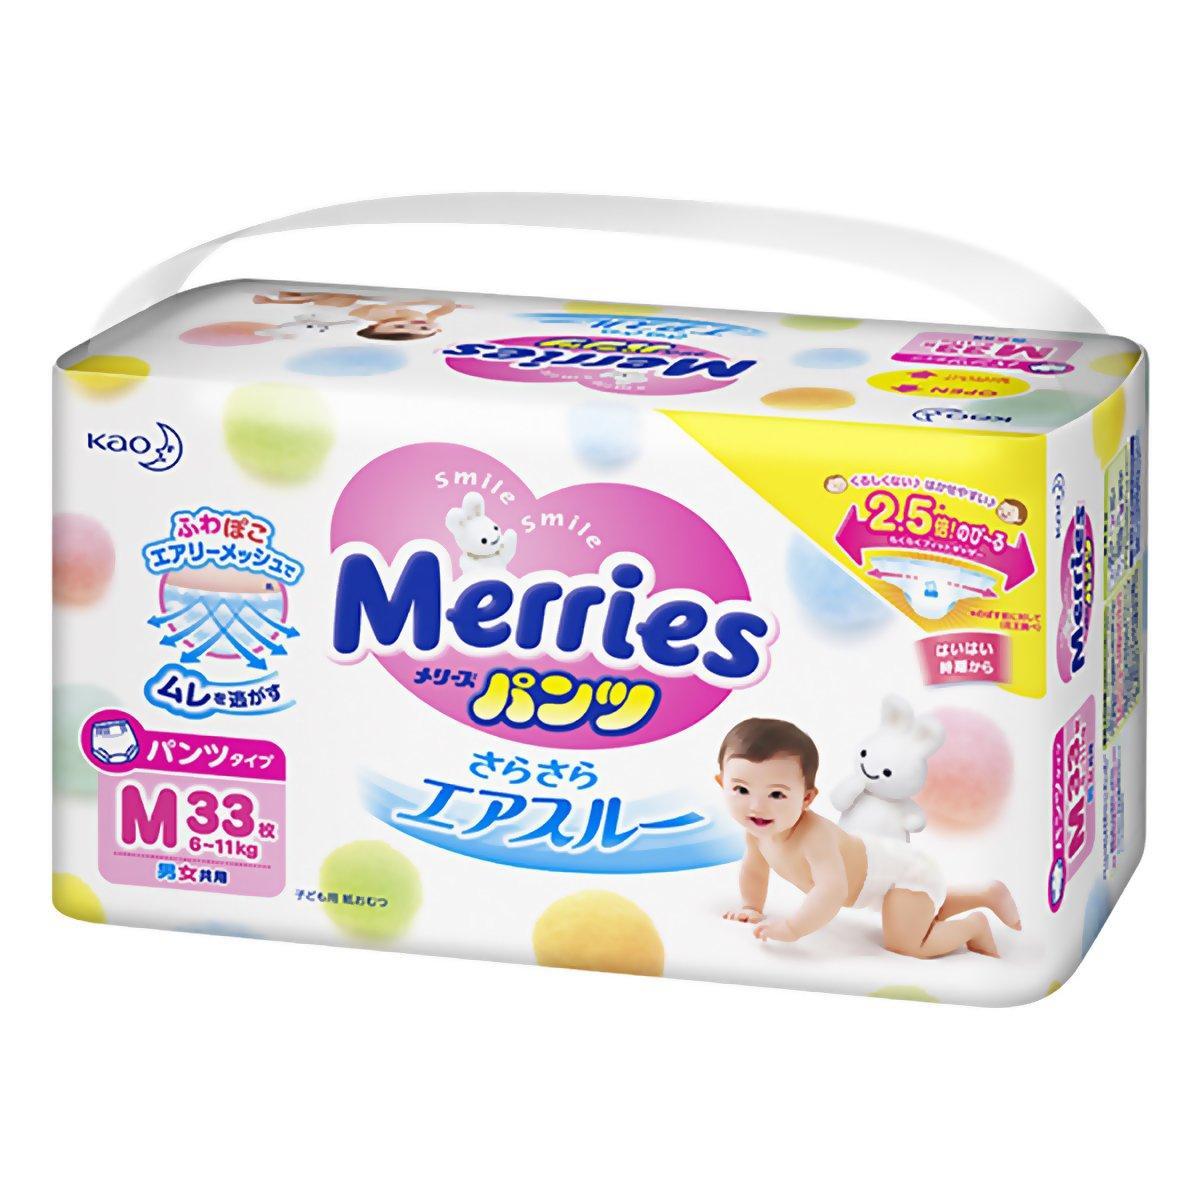 Купить Merries Подгузники-трусики M (6-11 кг), 33 шт, Япония